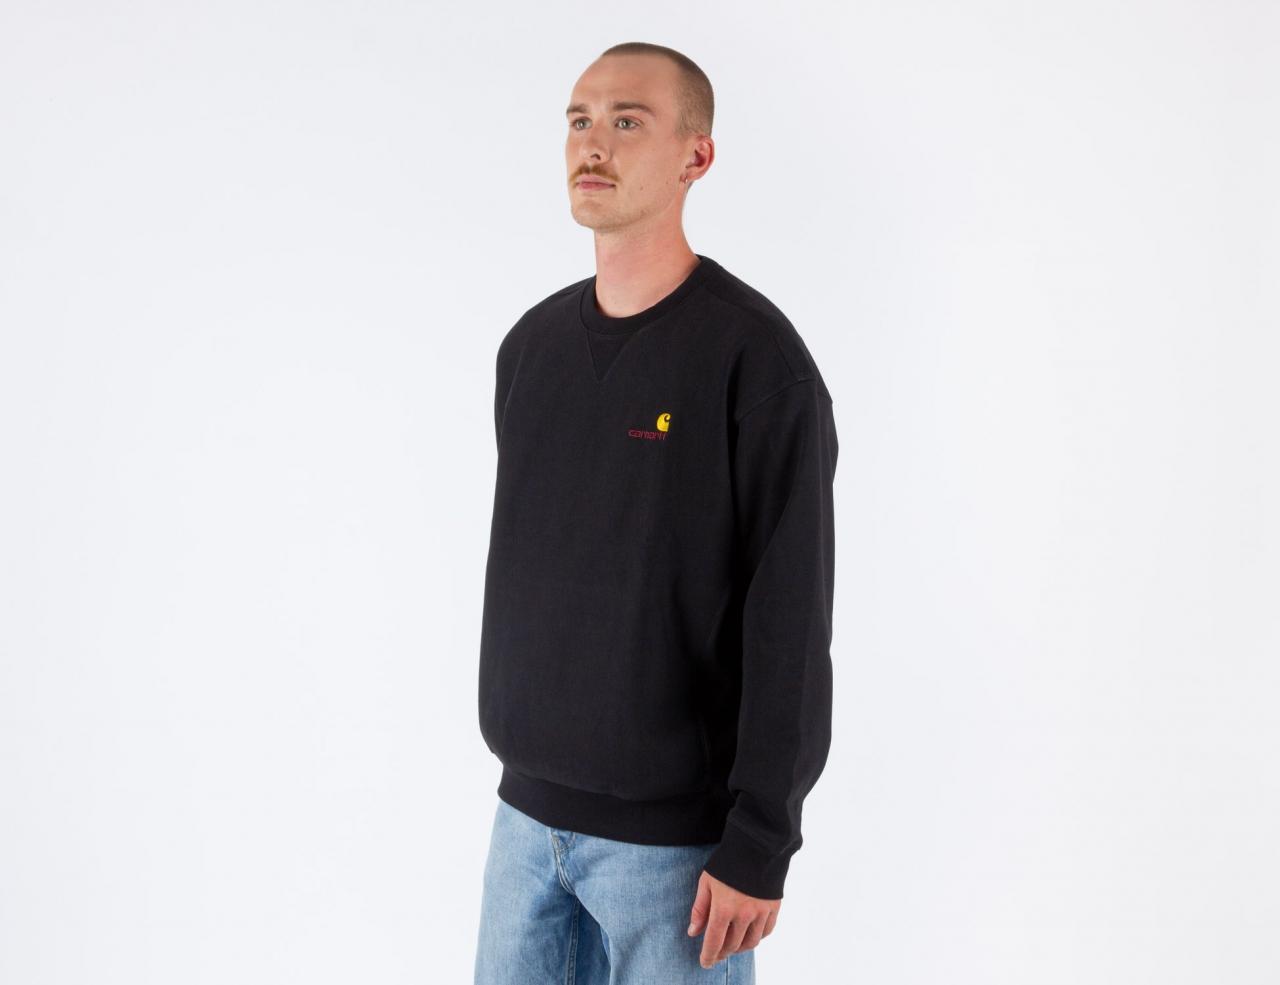 Carhartt WIP American Script Sweatshirt - Black